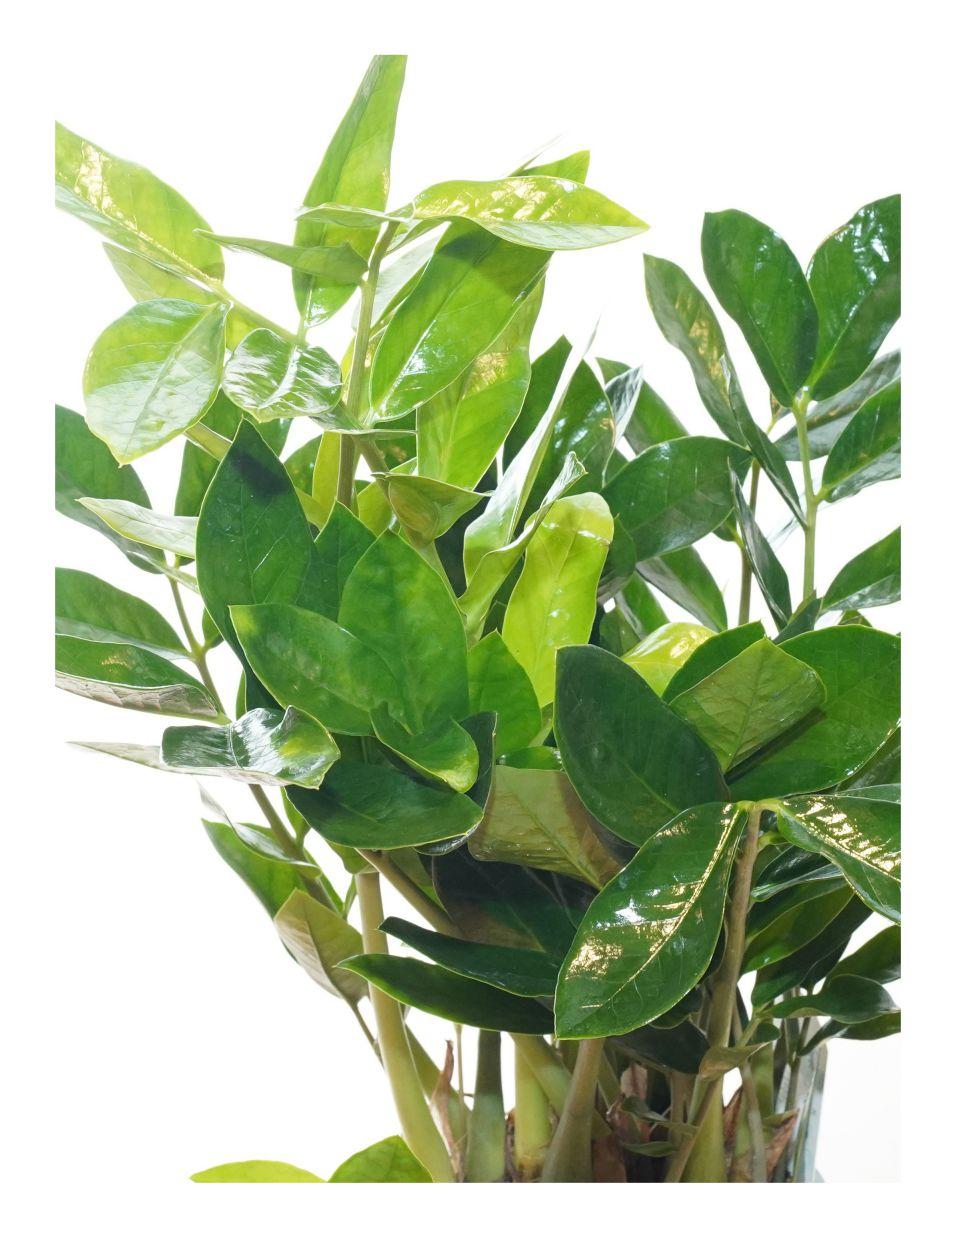 نبتة الزاميا 'نباتات داخلية شجيرات